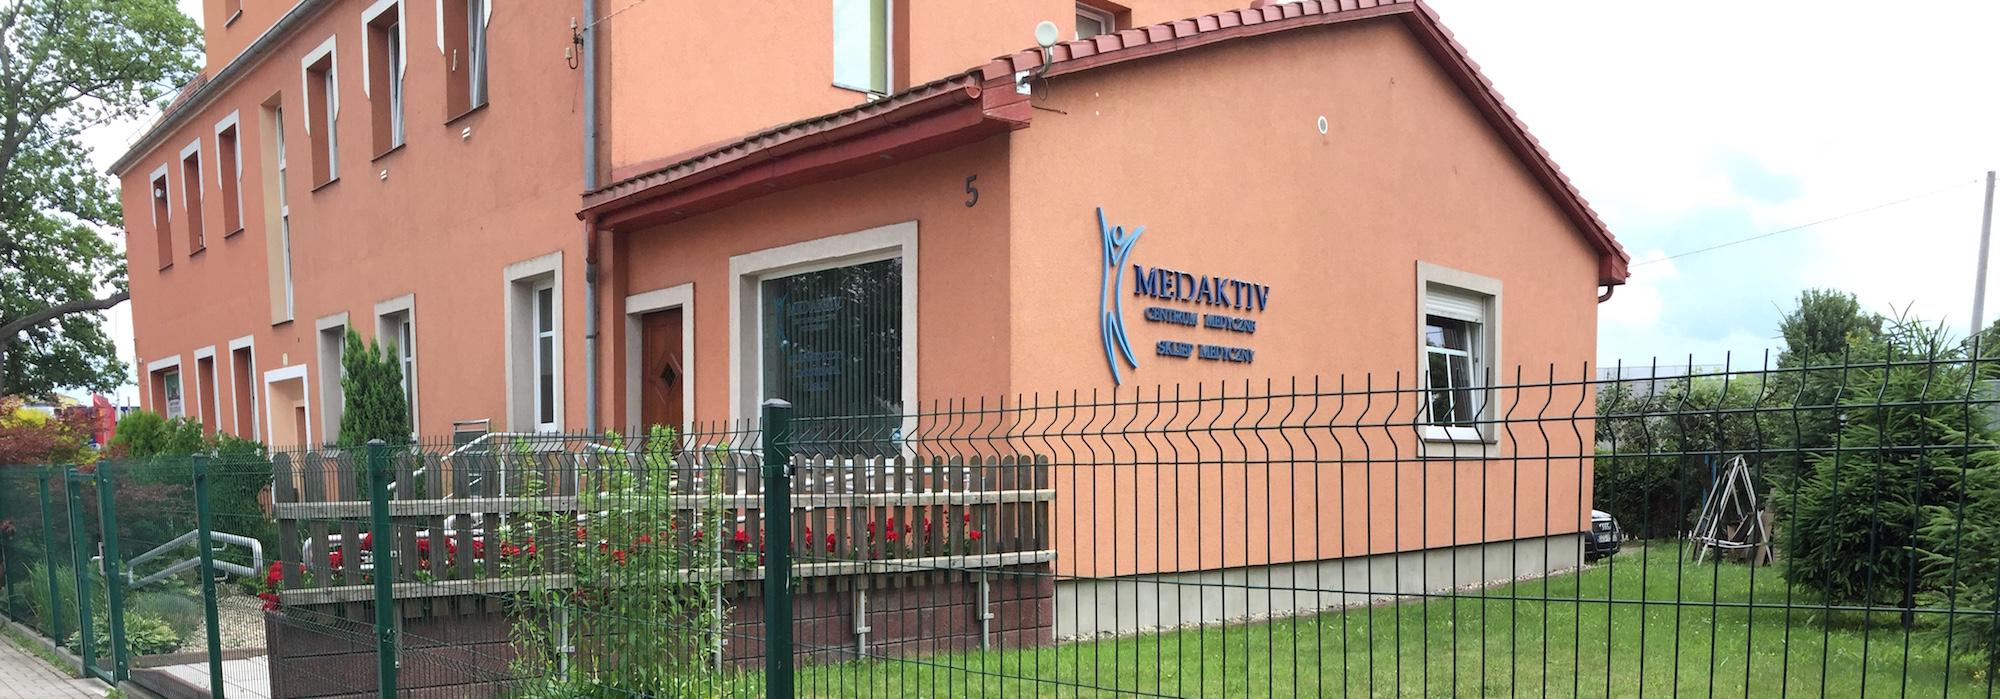 Centrum Medyczne Medaktiv – fizjoterapia, metoda Vojty, kinesio taping